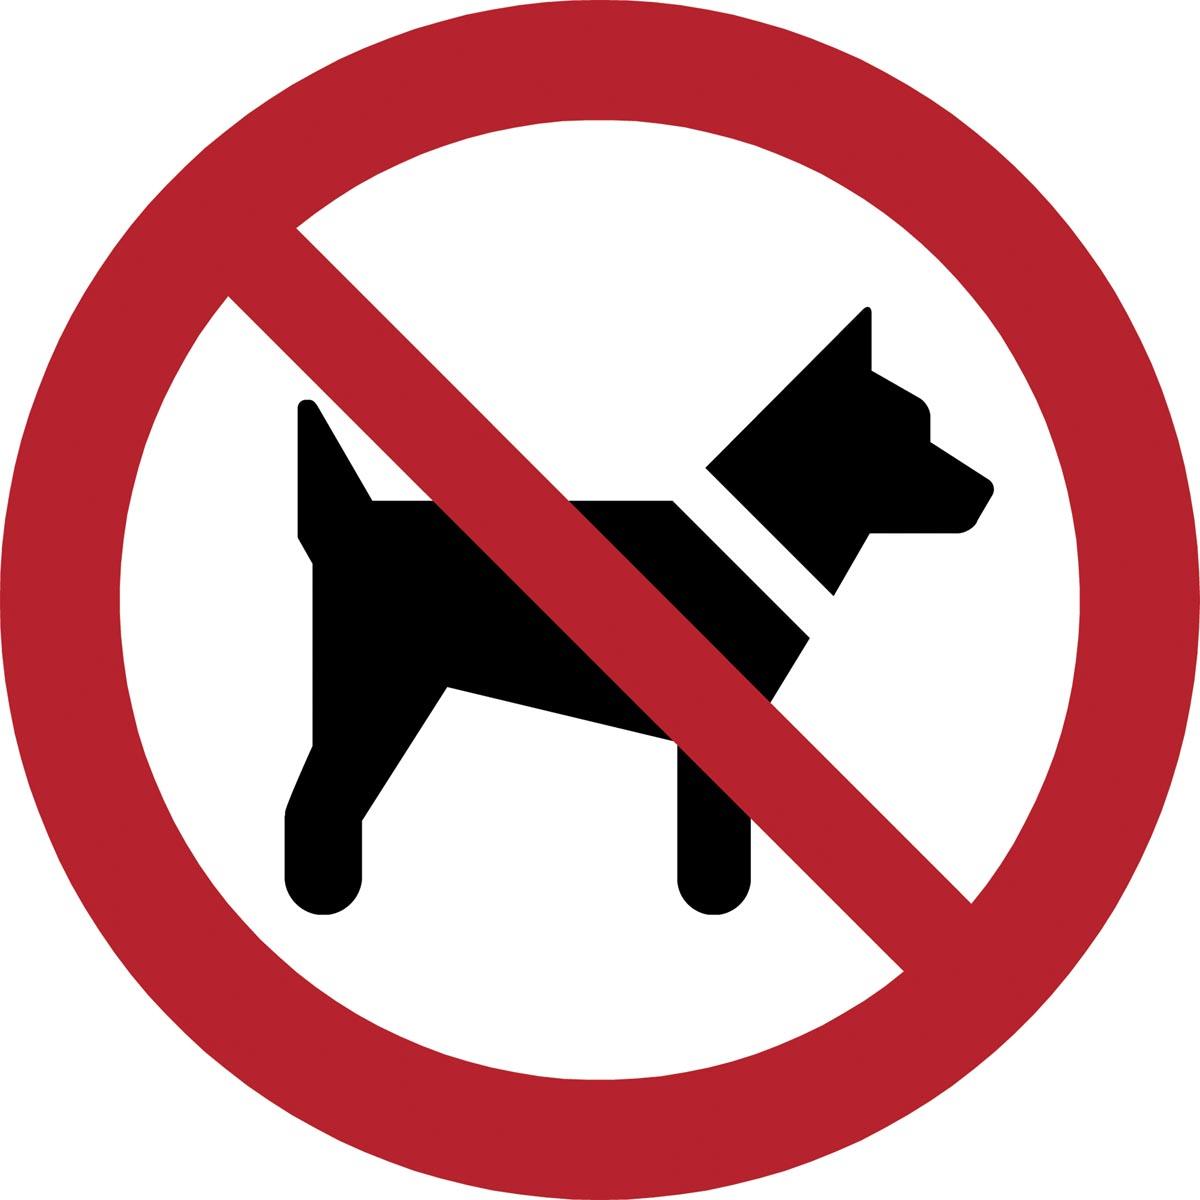 Tarifold verbodsbord uit PP, honden niet toegestaan, diameter 20 cm